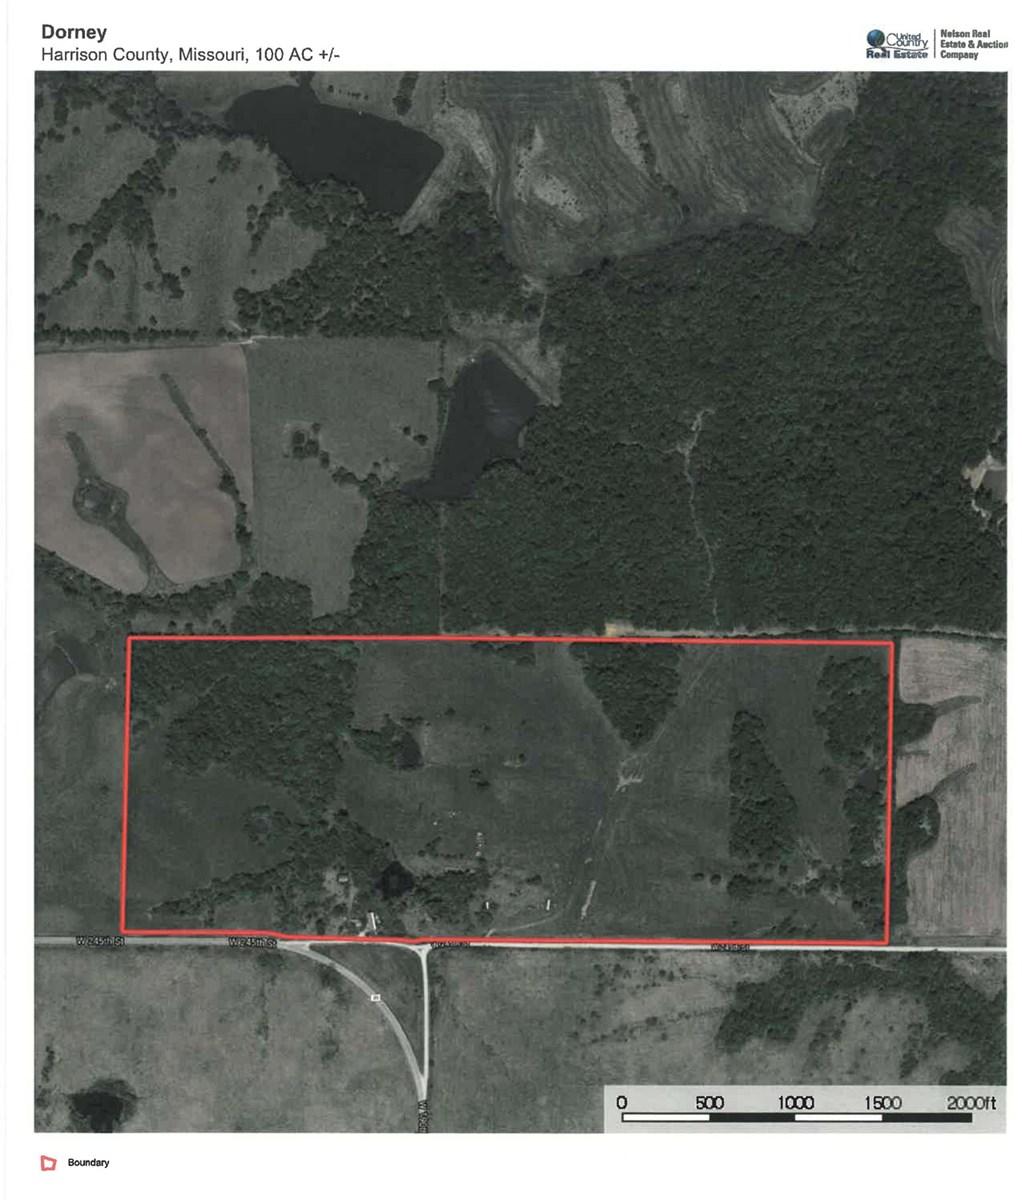 Land for Sale in Northwest Missouri